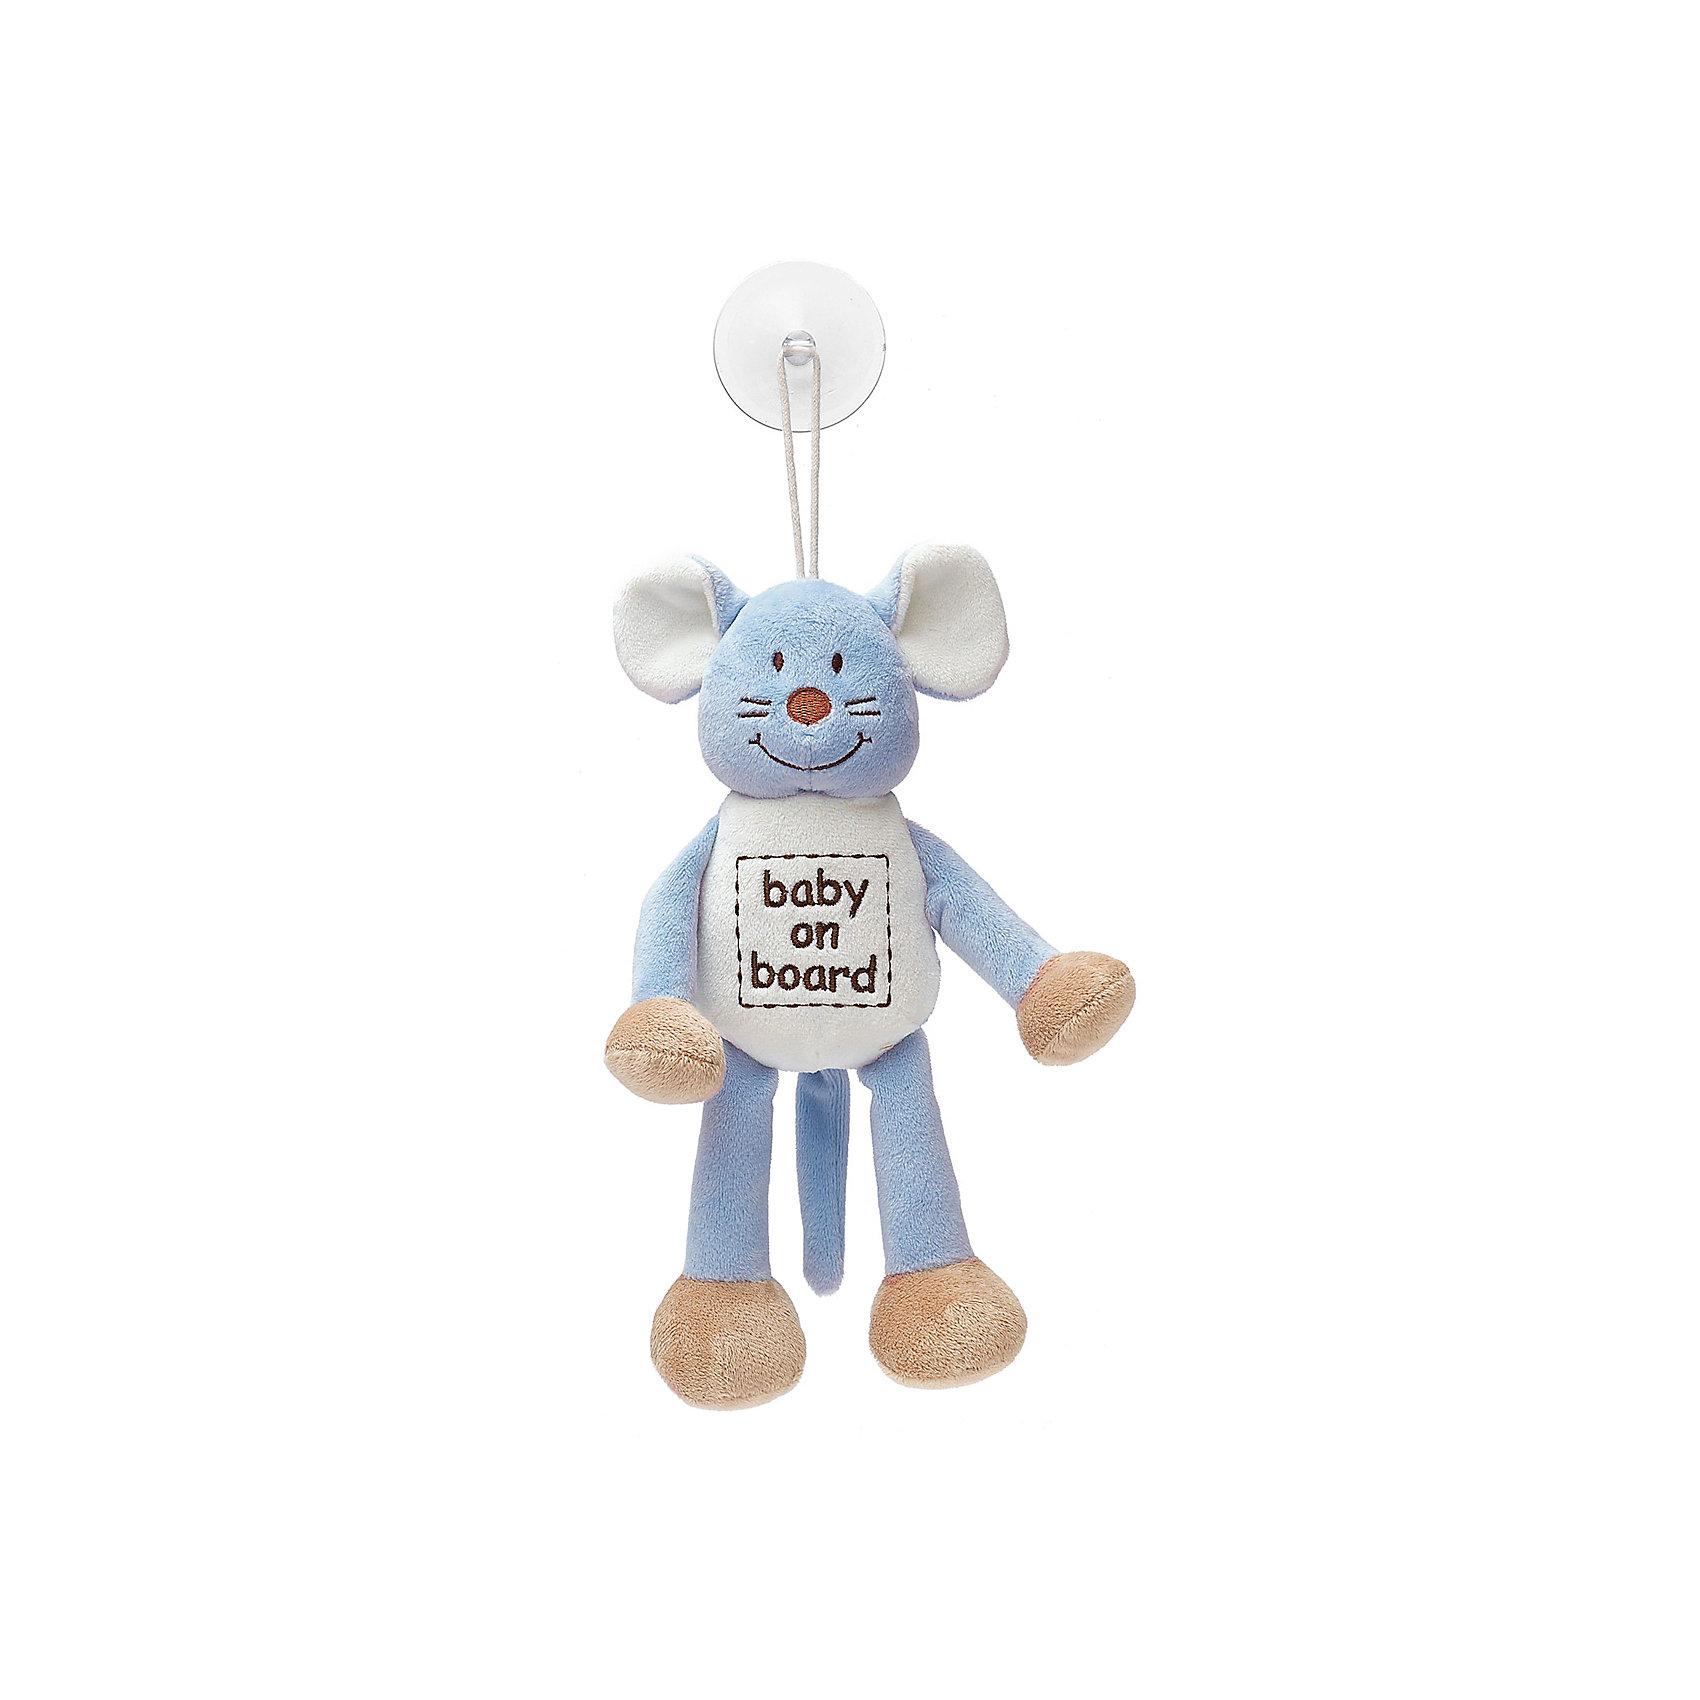 Знак Ребенок в машине Мышь, ДинглисарАксессуары<br>Характеристики мягкой игрушки Teddykompaniet: <br><br>• размер игрушки: 24 см;<br>• материал: 100% хлопок (безворсовый велюр);<br>• надпись: baby on board;<br>• серия: Динглисар;<br>• тип крепления: присоска.<br><br>Игрушка-знак «Мышь» символизирует водителям: ребенок в машине. Мягкая игрушка-подвеска крепится к стеклу автомобиля с помощью присоски. Игрушка выполнена из гипоаллергенного материала, внутри мягкий наполнитель. <br><br>Знак Ребенок в машине Мышь, Динглисар можно купить в нашем интернет-магазине.<br><br>Ширина мм: 50<br>Глубина мм: 100<br>Высота мм: 100<br>Вес г: 20<br>Возраст от месяцев: 0<br>Возраст до месяцев: 12<br>Пол: Унисекс<br>Возраст: Детский<br>SKU: 5219508